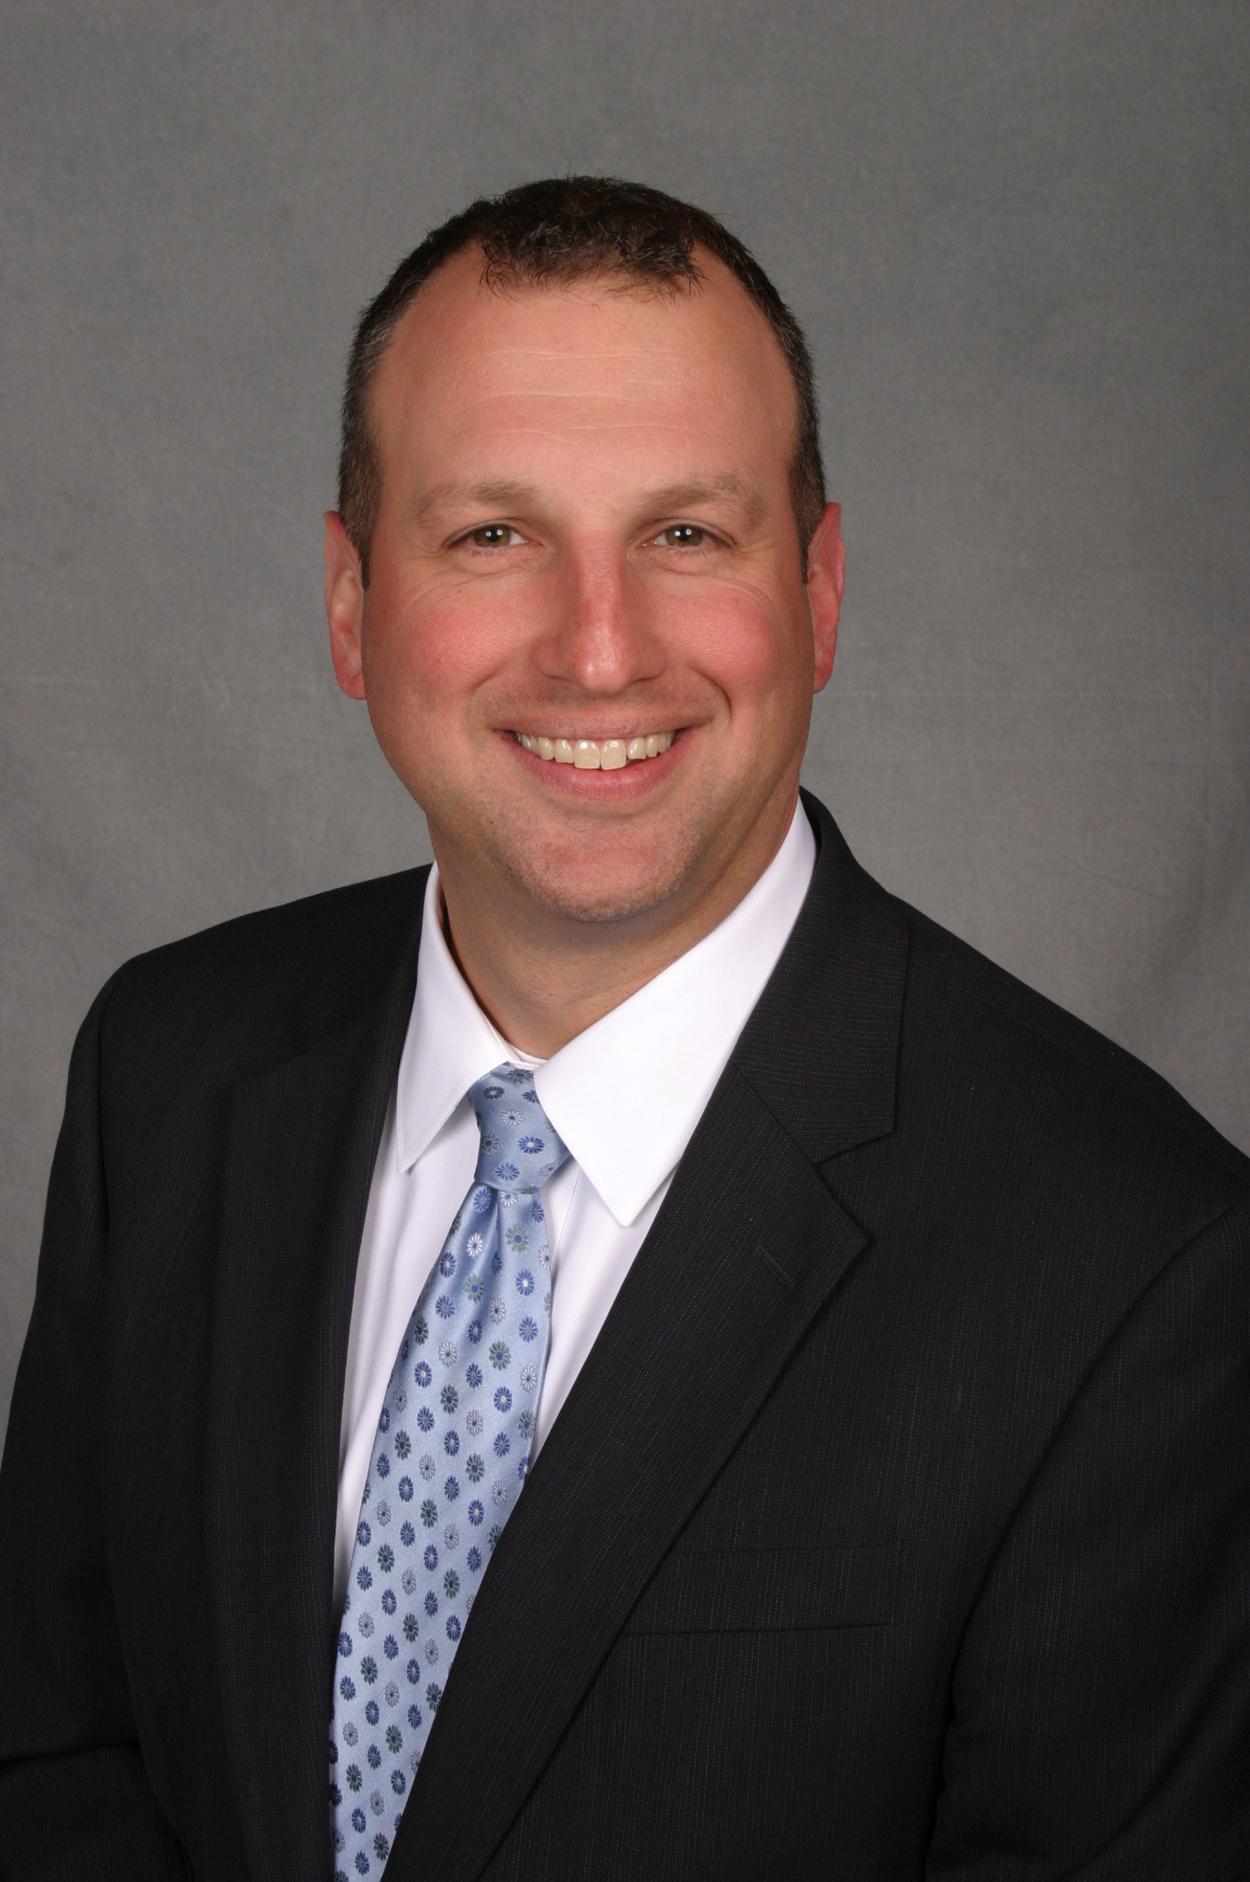 Greg Raab